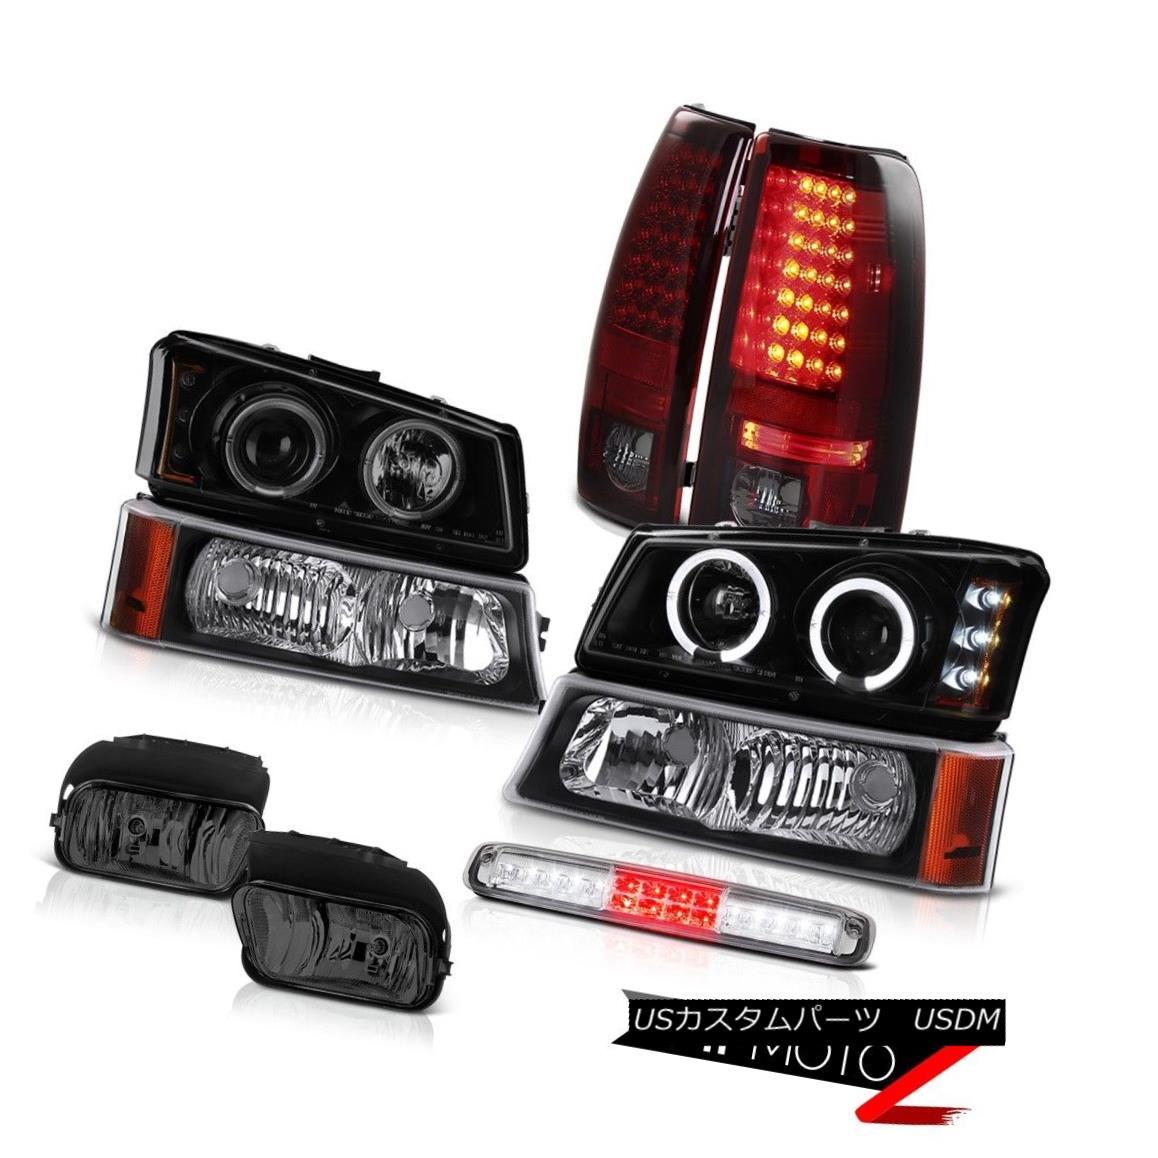 テールライト 03-06 Silverado Fog Lights Raven Black Signal Lamp Roof Cab Headlamps Tail Lamps 03-06シルヴァーラドフォグライトレイヴンブラックシグナルランプルーフキャブヘッドランプテールランプ